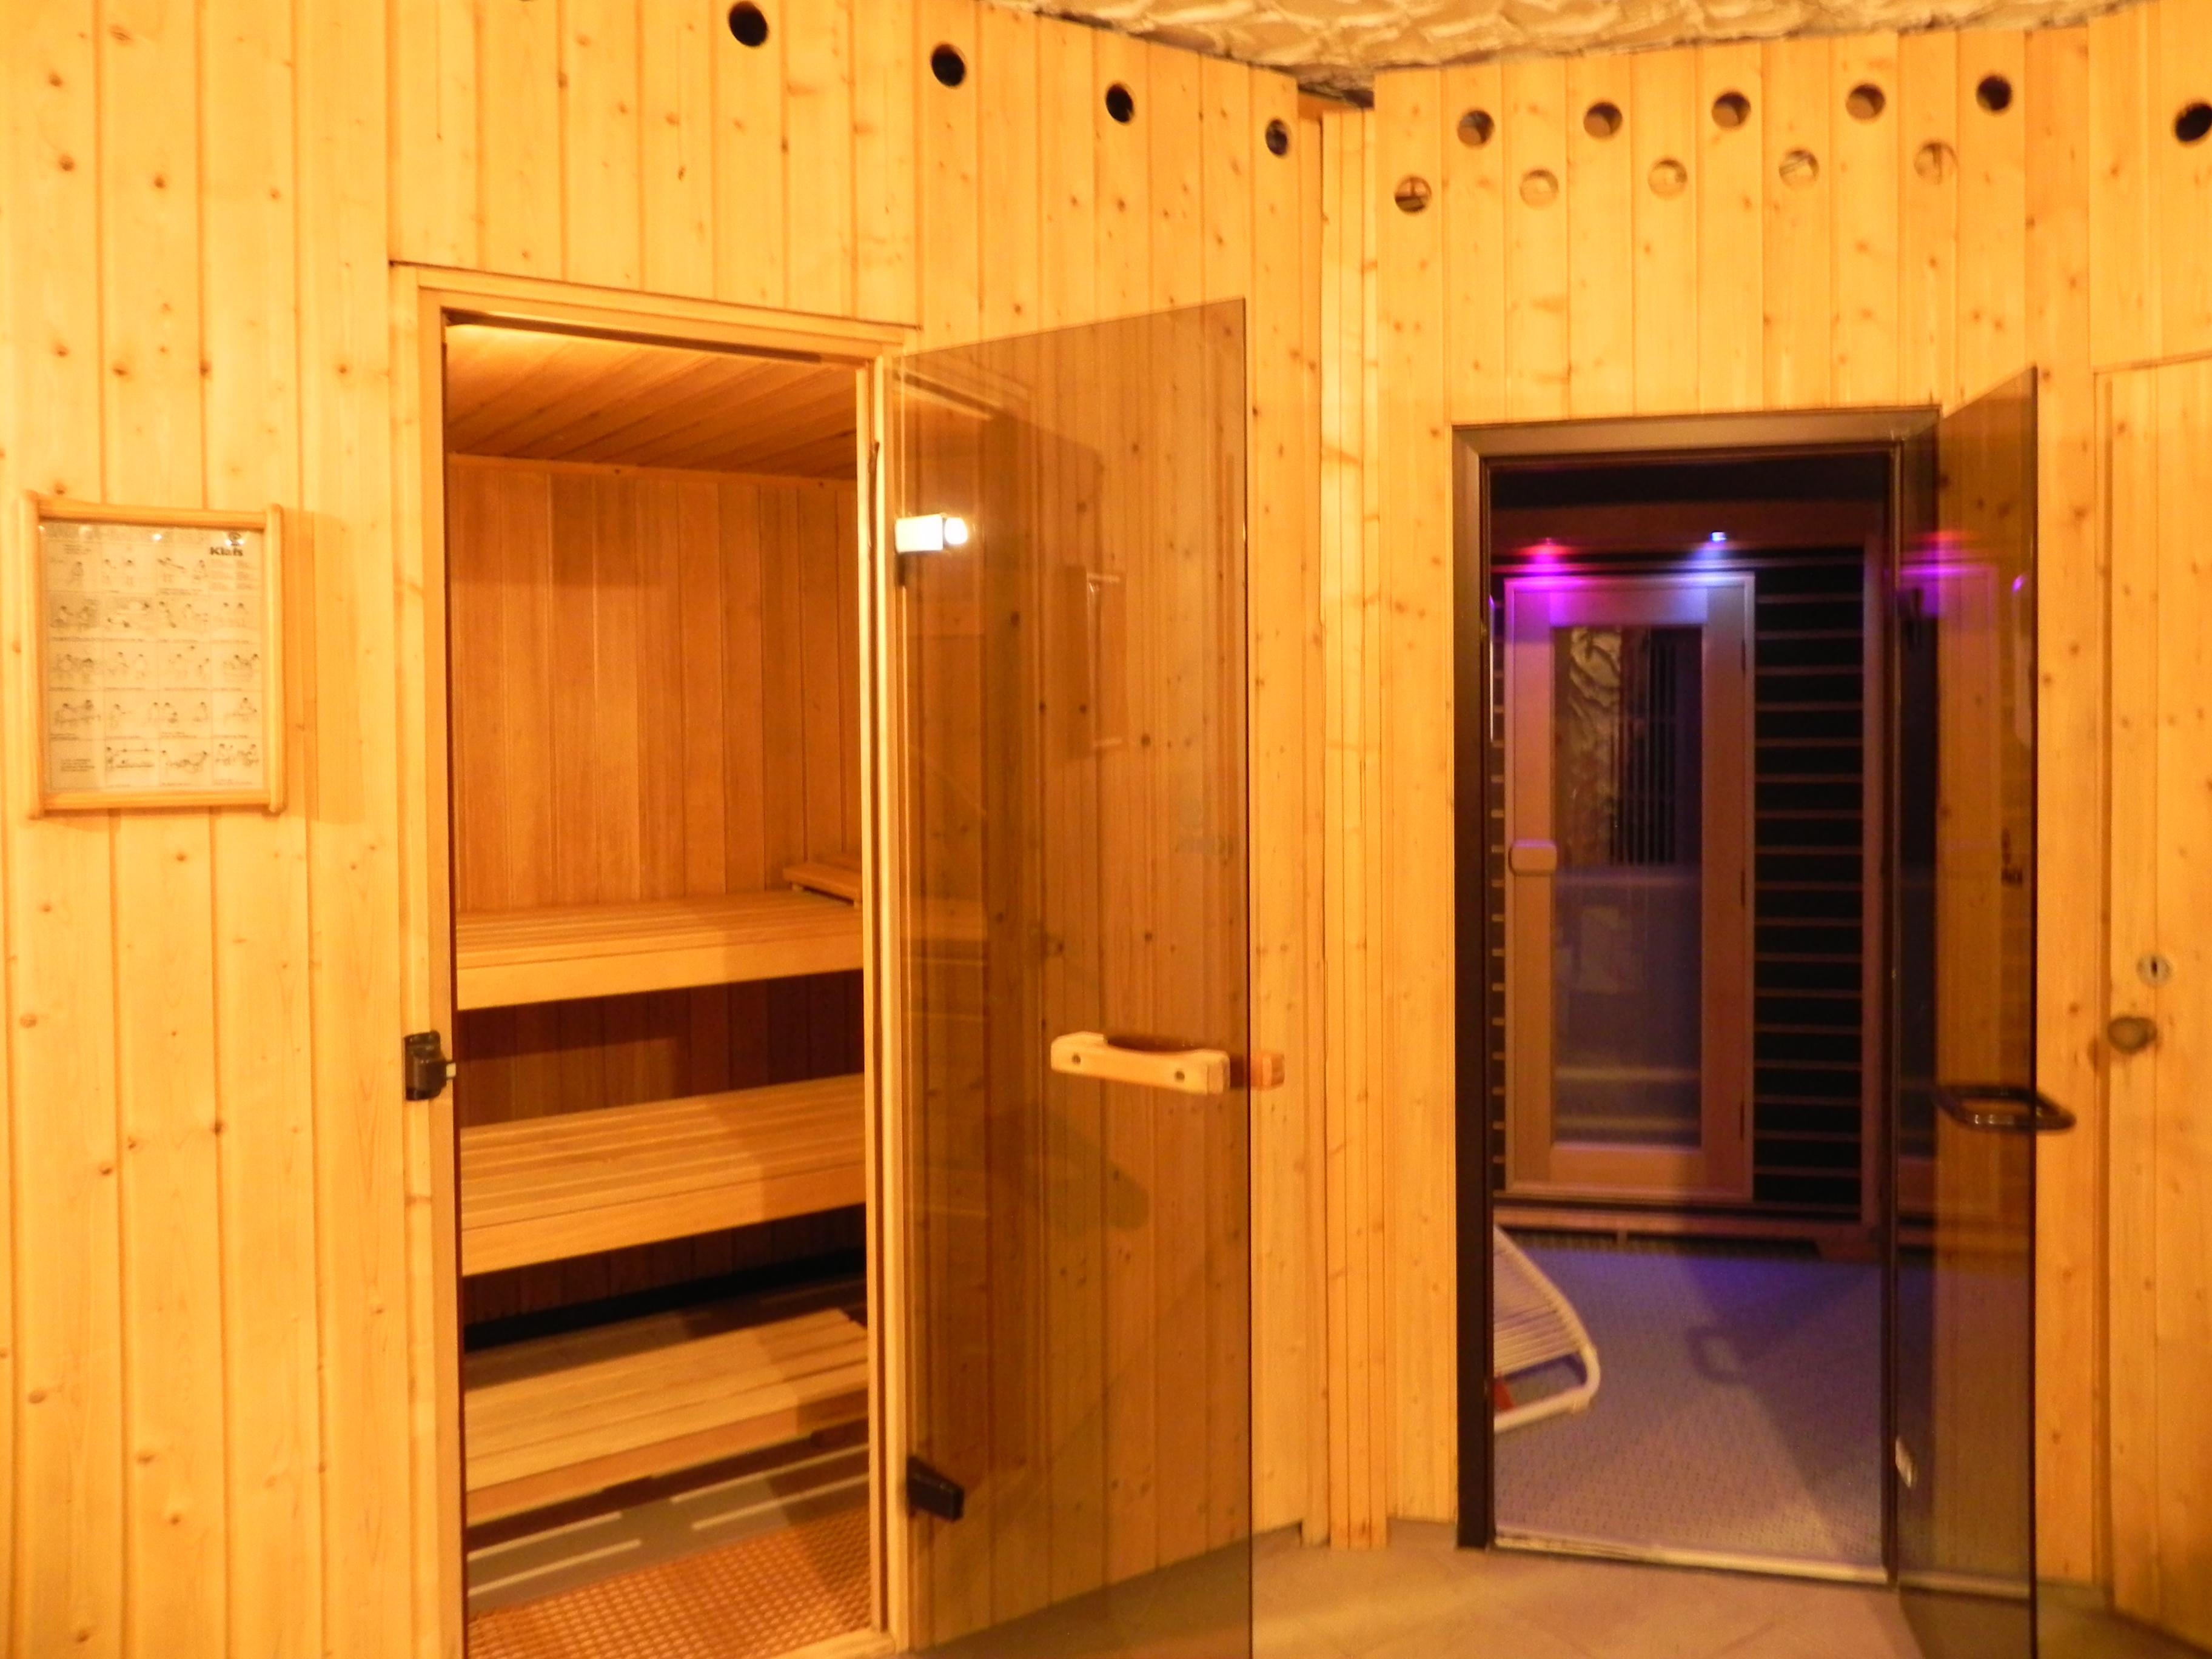 beide Sauna aussen